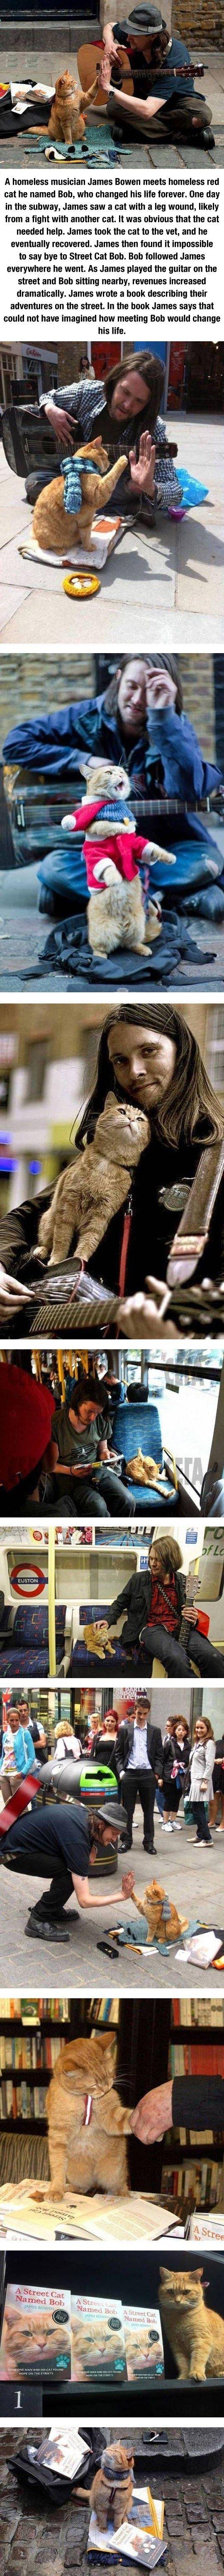 Wie eine Katze ein Leben verändern kann...Bob -der Streuner